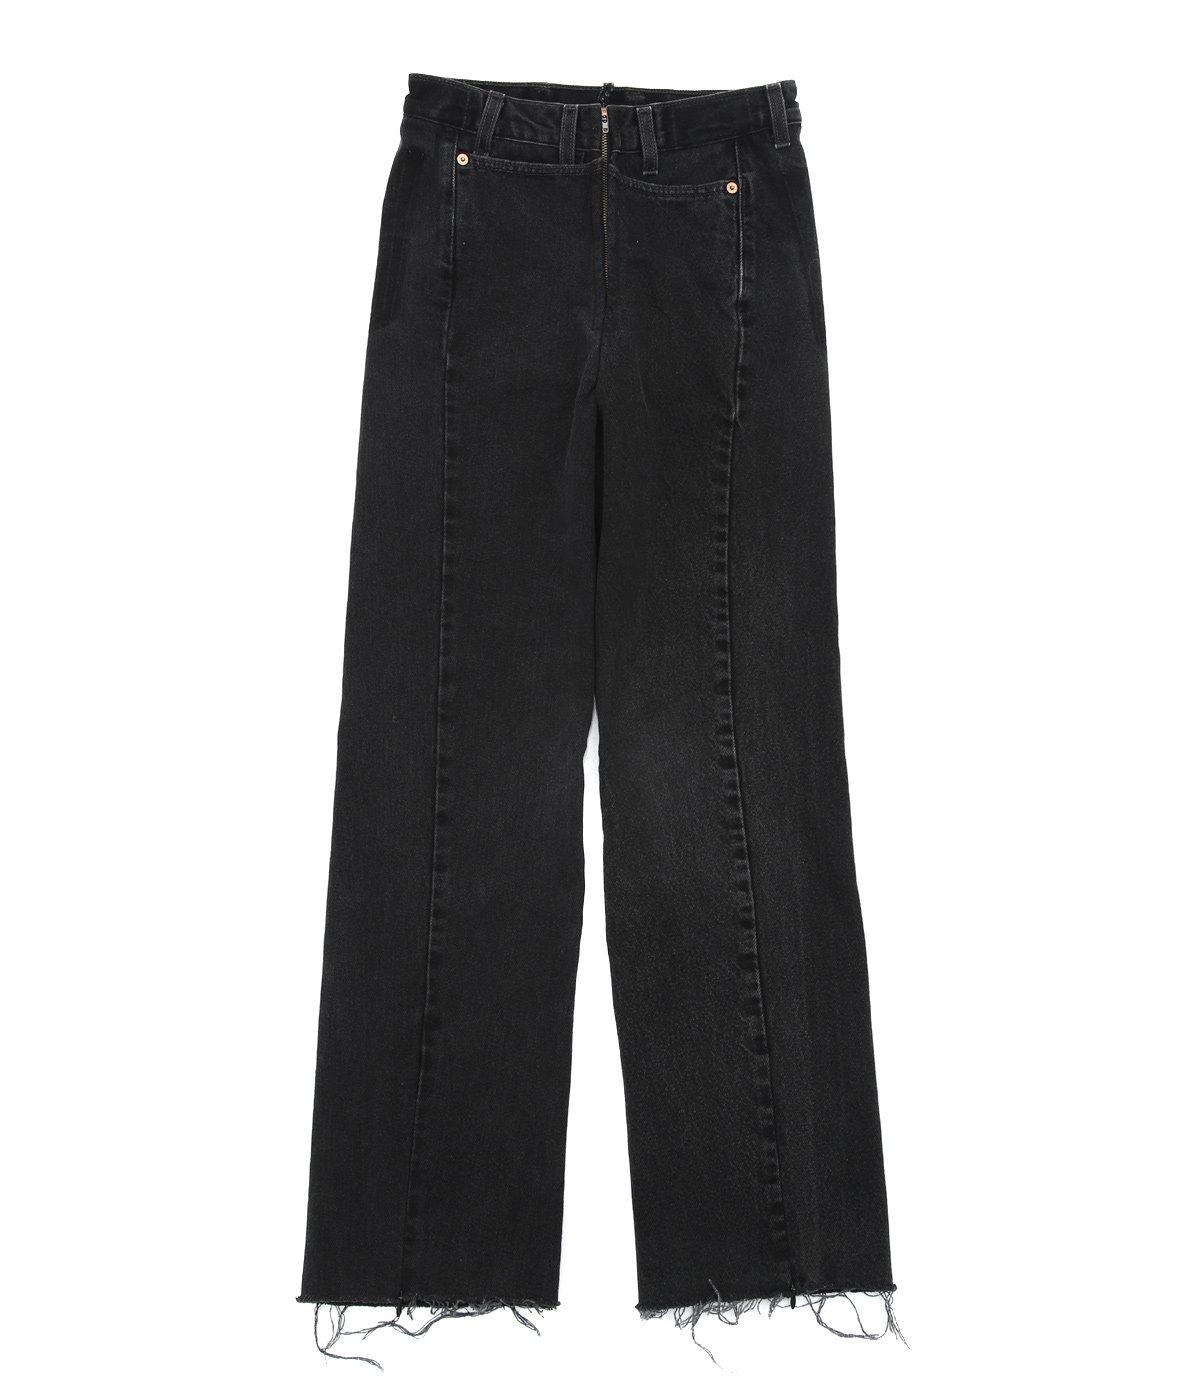 【レディース】【ONLY ARK】別注 circa make cut off rotated 90° denim pants(length 105) -28inch-